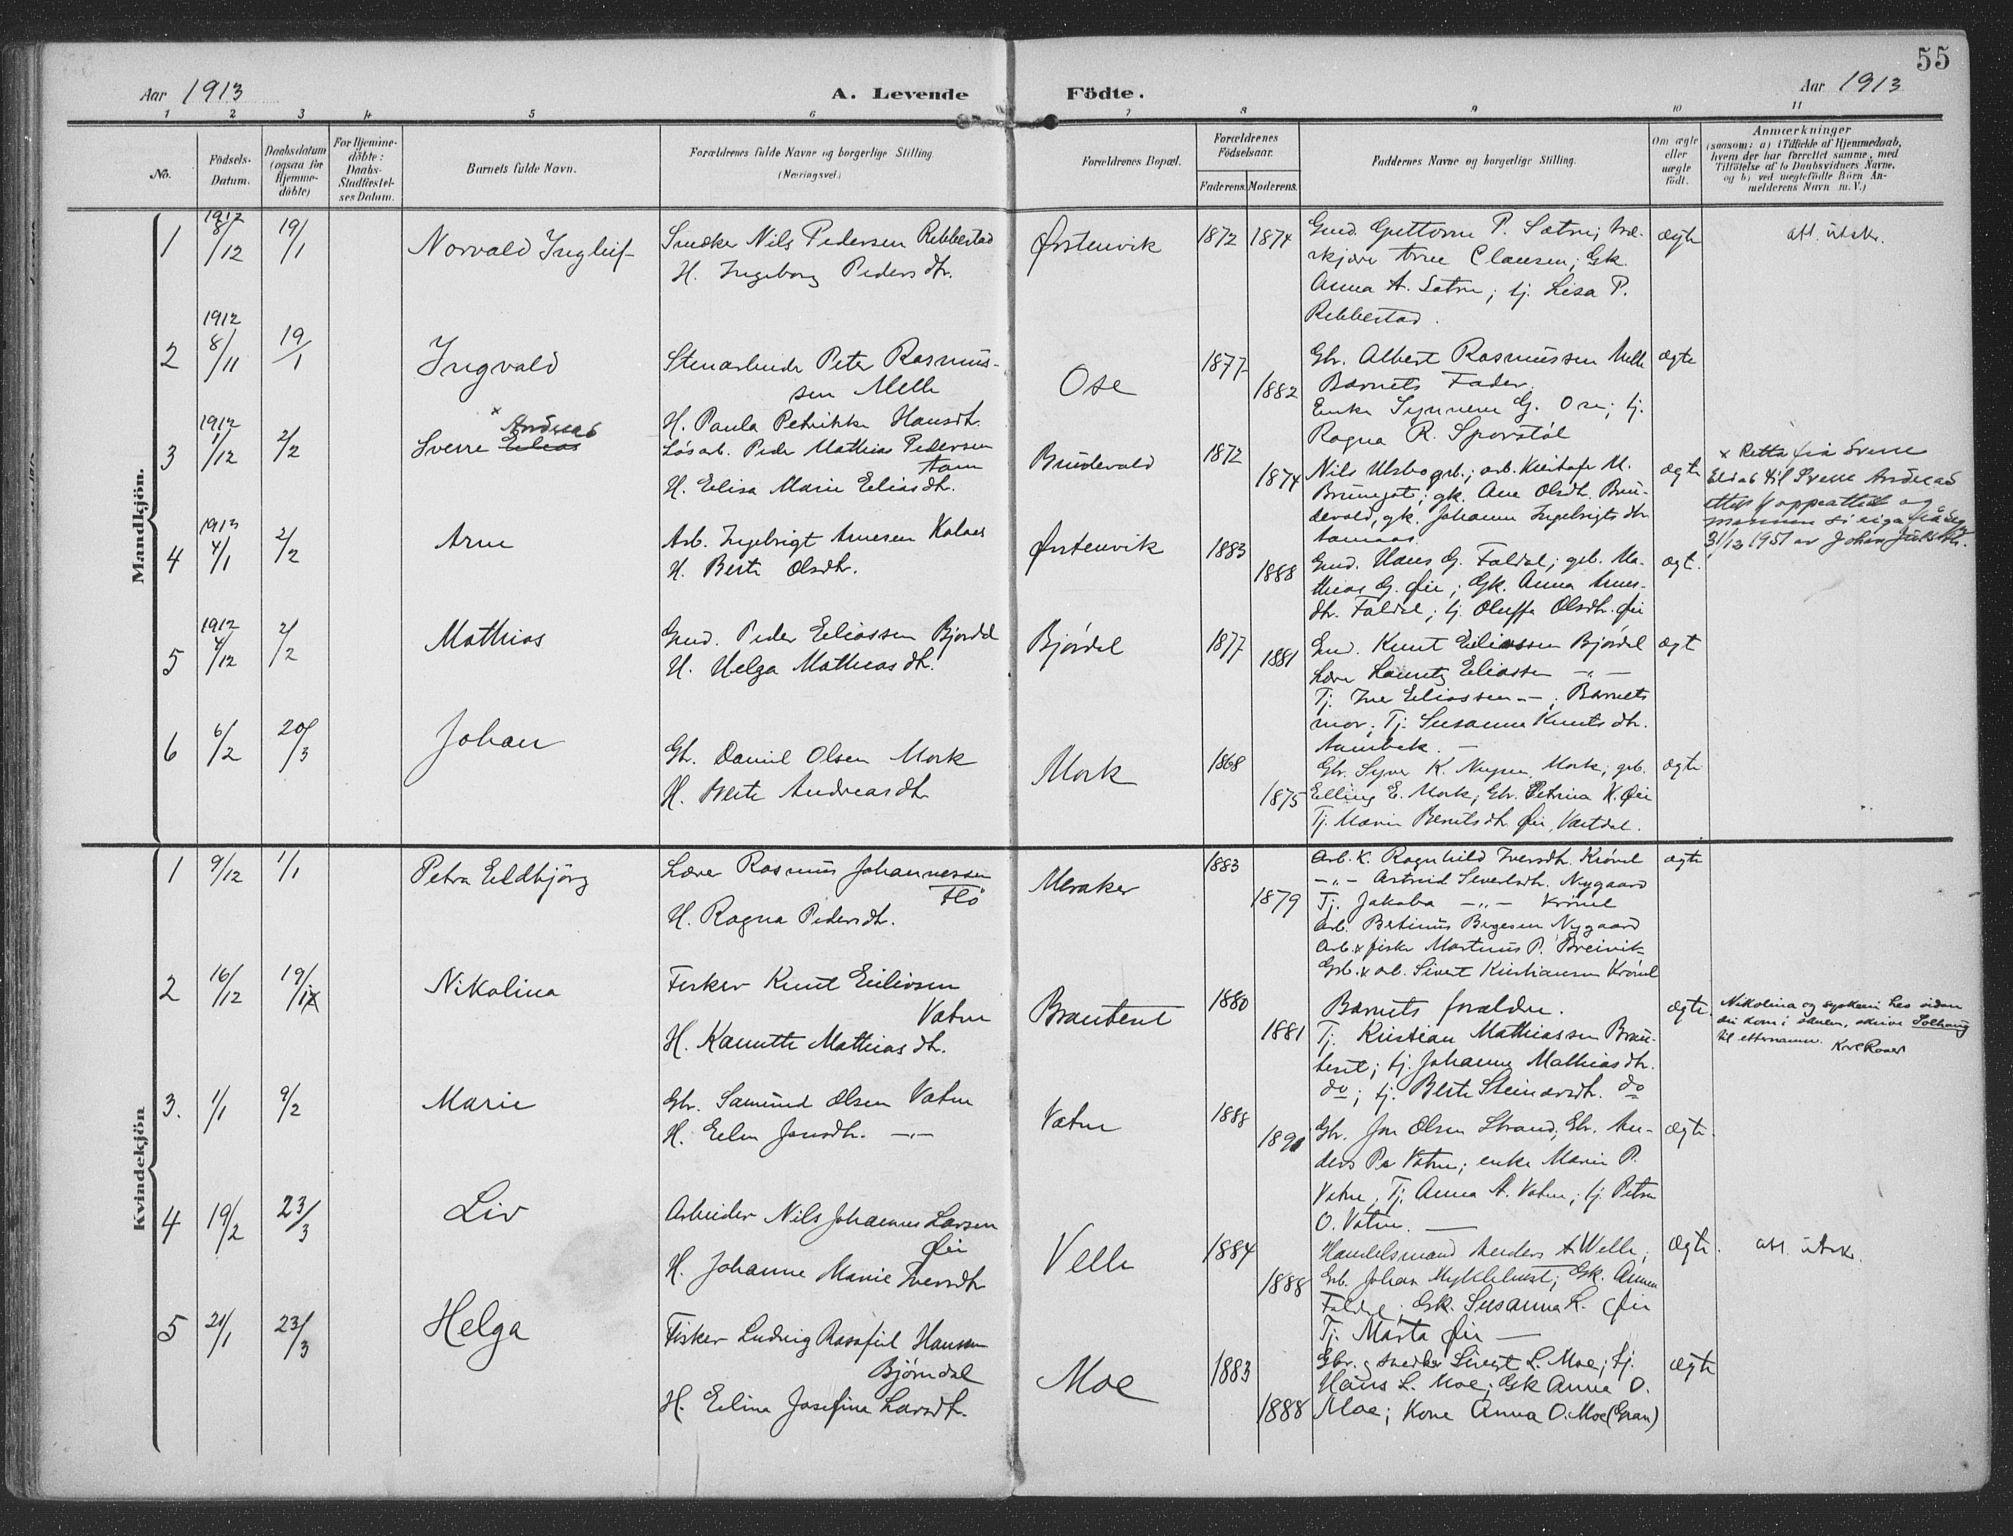 SAT, Ministerialprotokoller, klokkerbøker og fødselsregistre - Møre og Romsdal, 513/L0178: Ministerialbok nr. 513A05, 1906-1919, s. 55